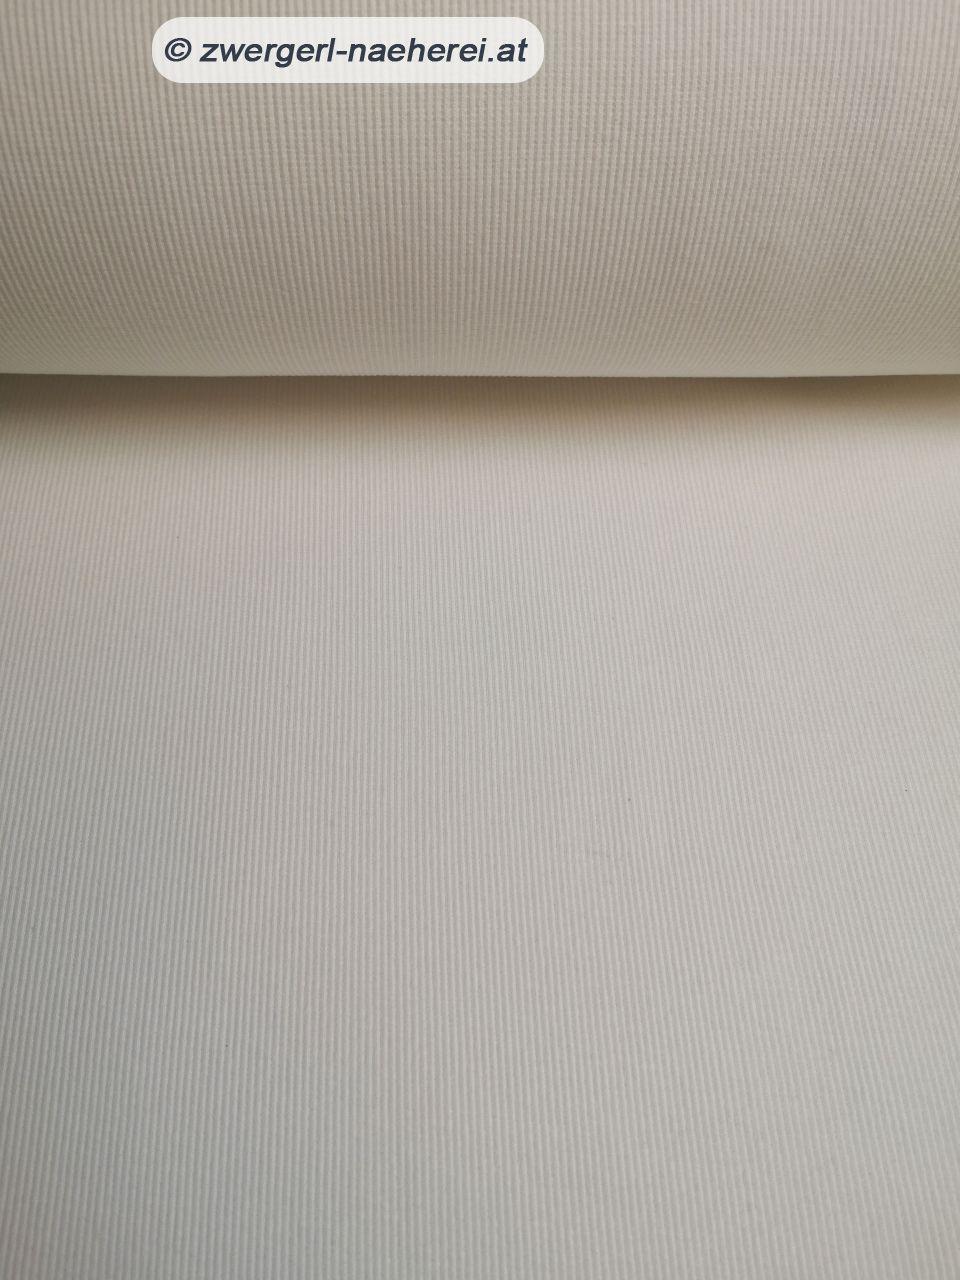 Stoff-Baumwolle-Jersey-Bündchen-Fleece-Bio_003